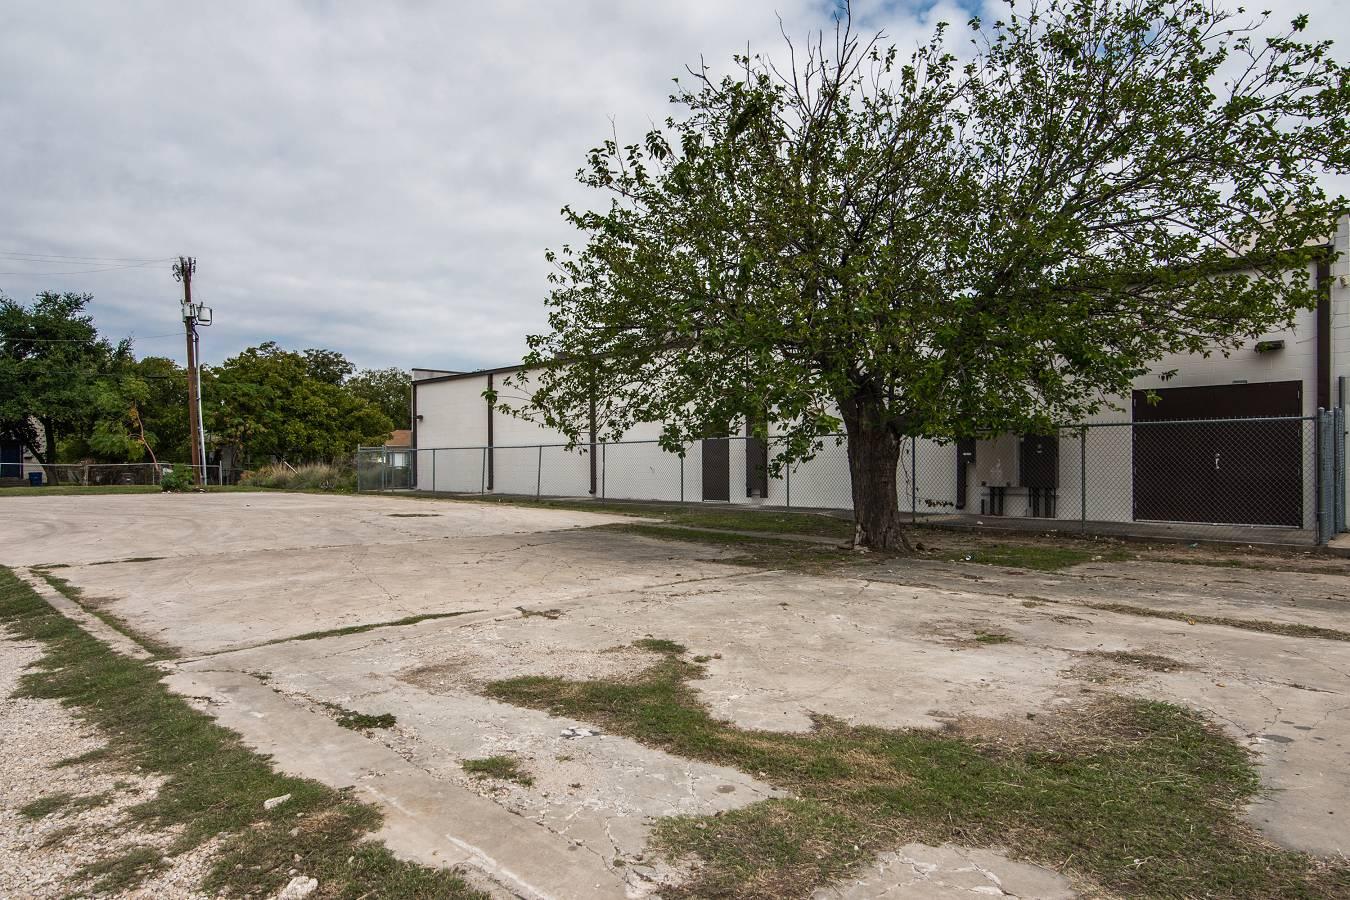 1343 W. Hildebrand , San Antonio, TX - USA (photo 1)